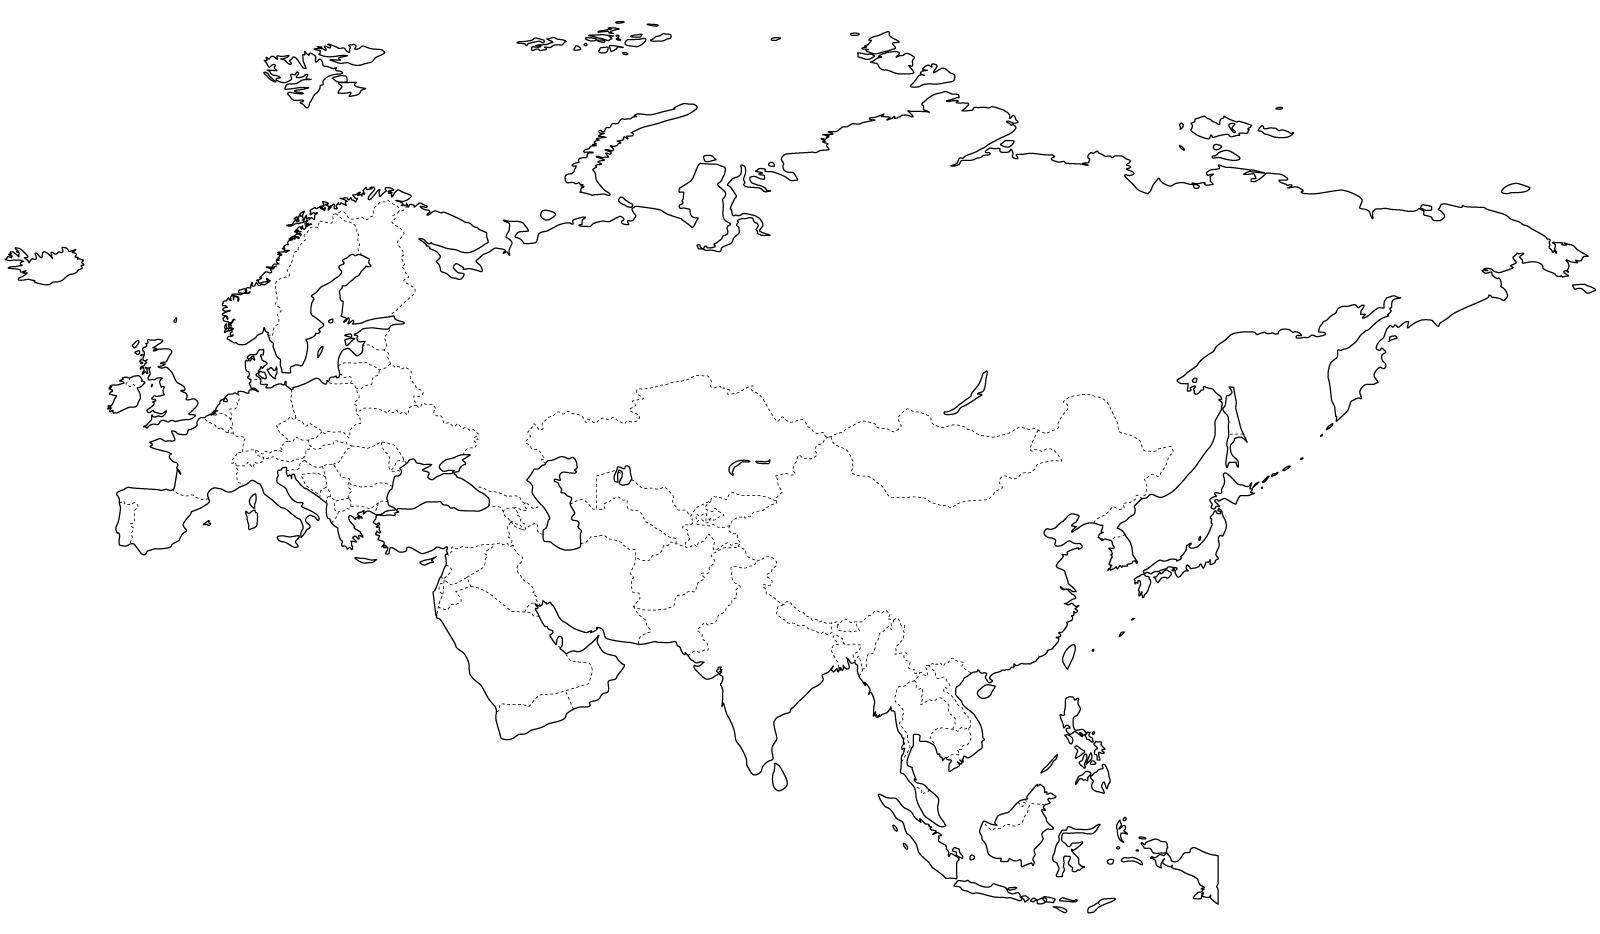 Mapa de países de Eurasia. Freemap